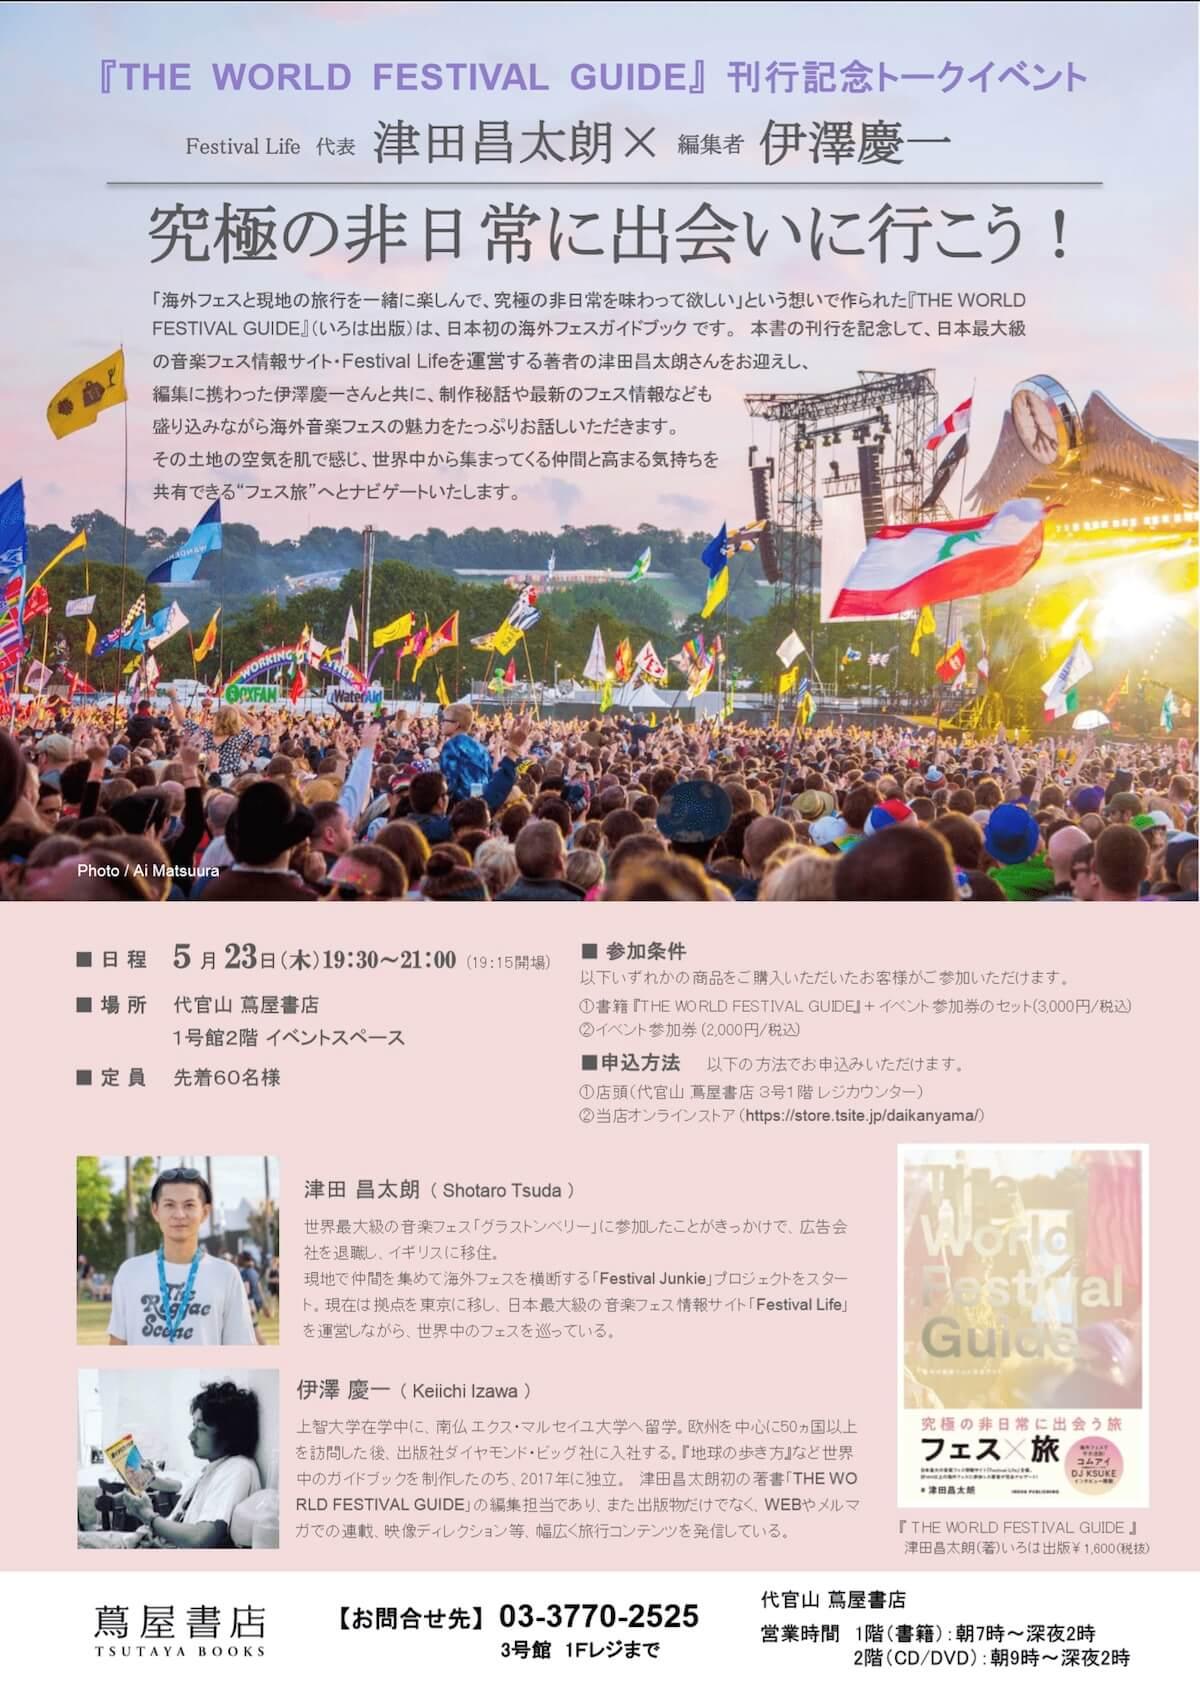 世界の音楽フェスについて語るトークイベントが5月23日開催!『THE WORLD FESTIVAL GUIDE 世界の海外フェス完全ガイド』発売記念 music190507_theworldfestivalguide_10